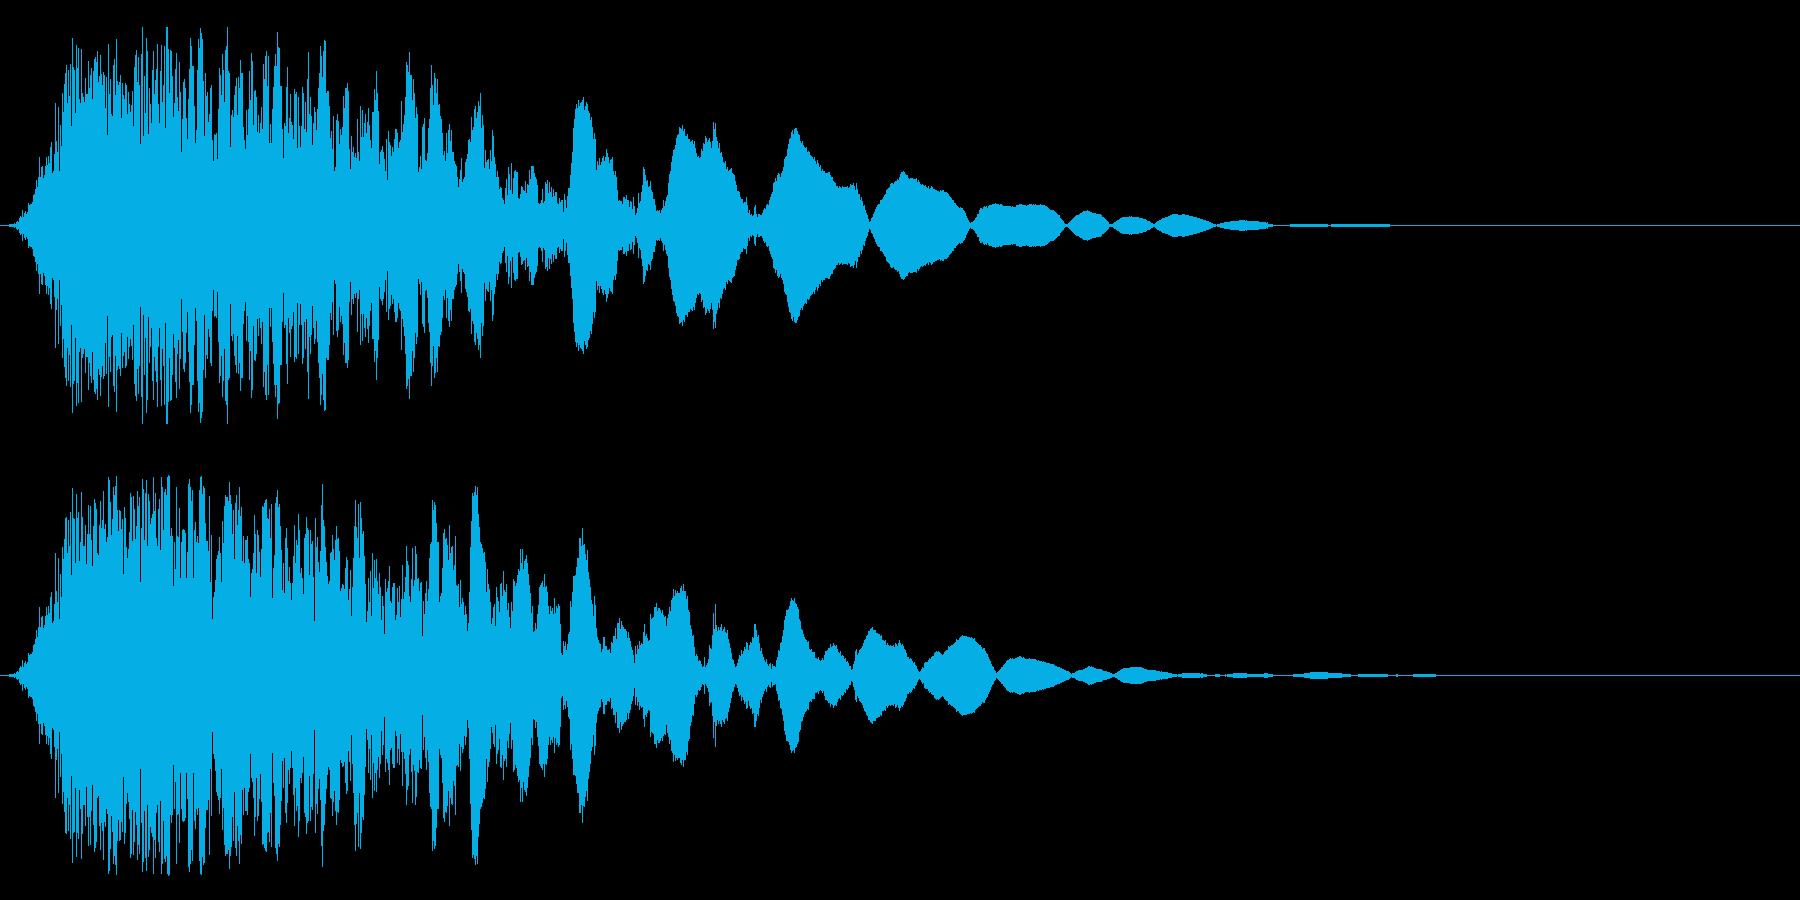 刀や剣 抜刀 斬撃の効果音 11cの再生済みの波形